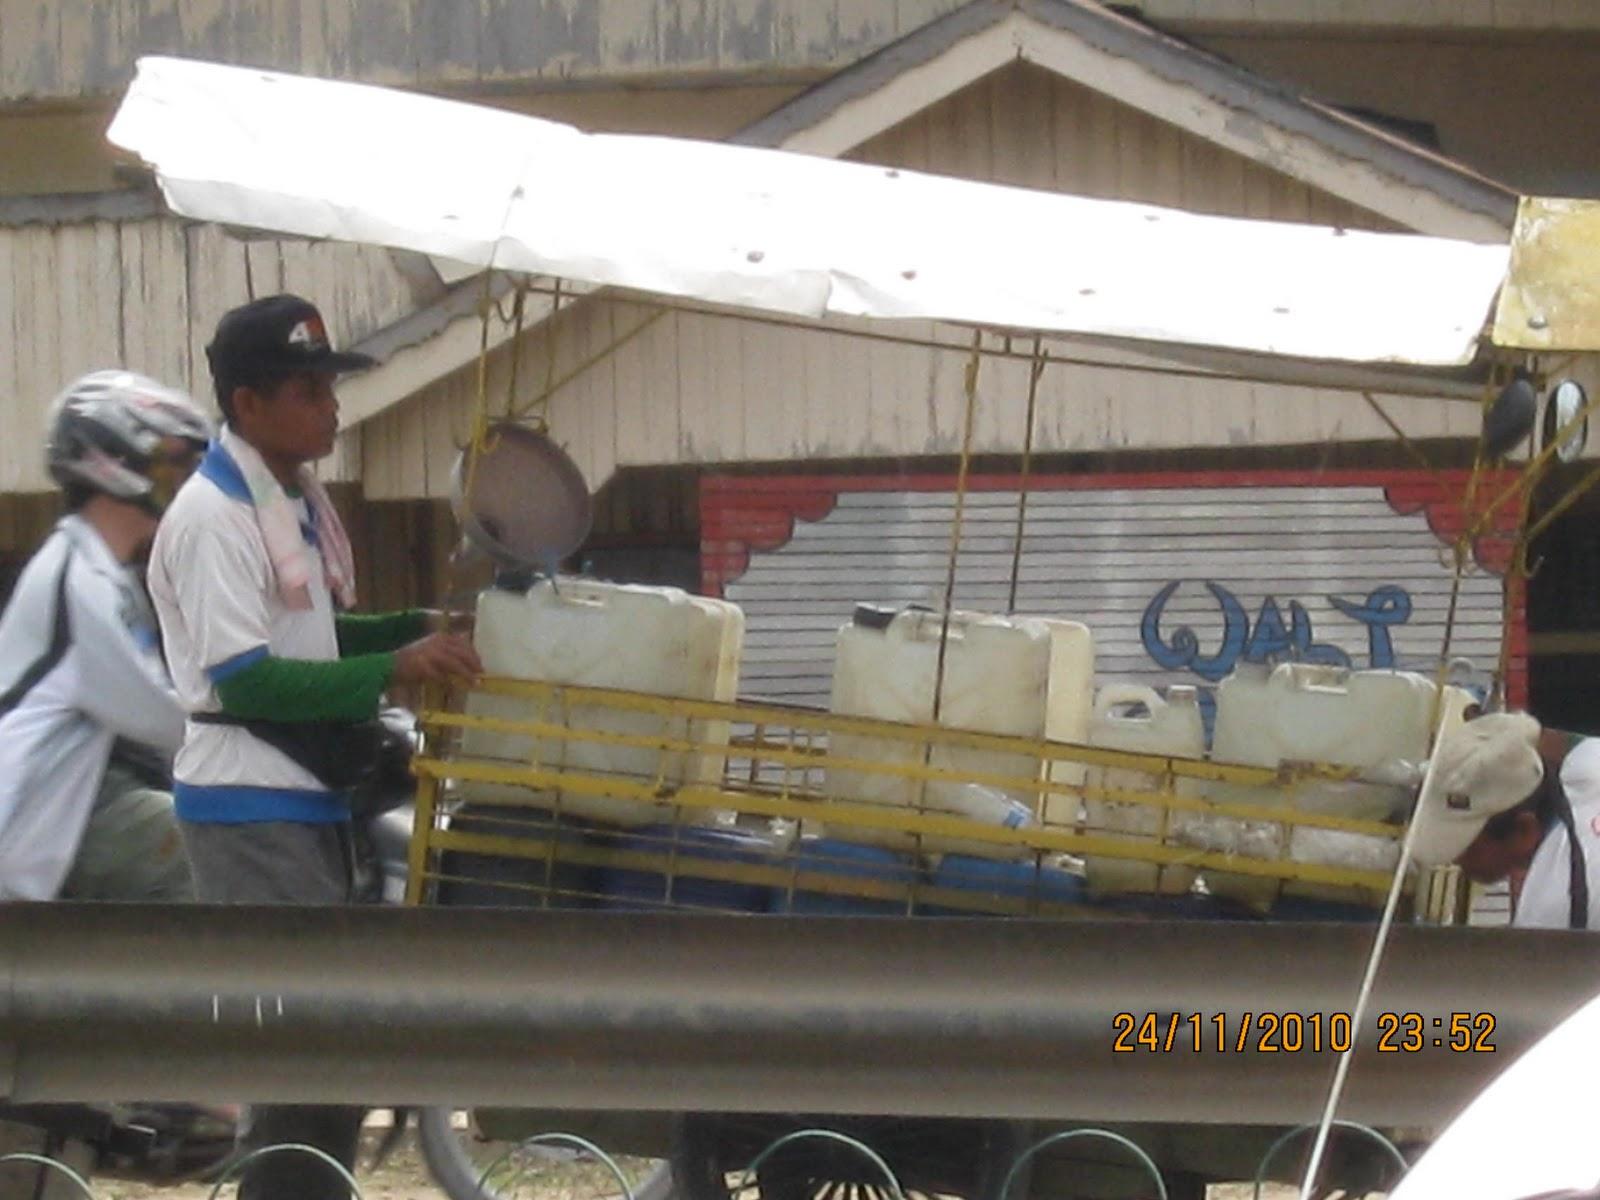 penjual air bersiah,sring di temukan di kota-kota besar.potret